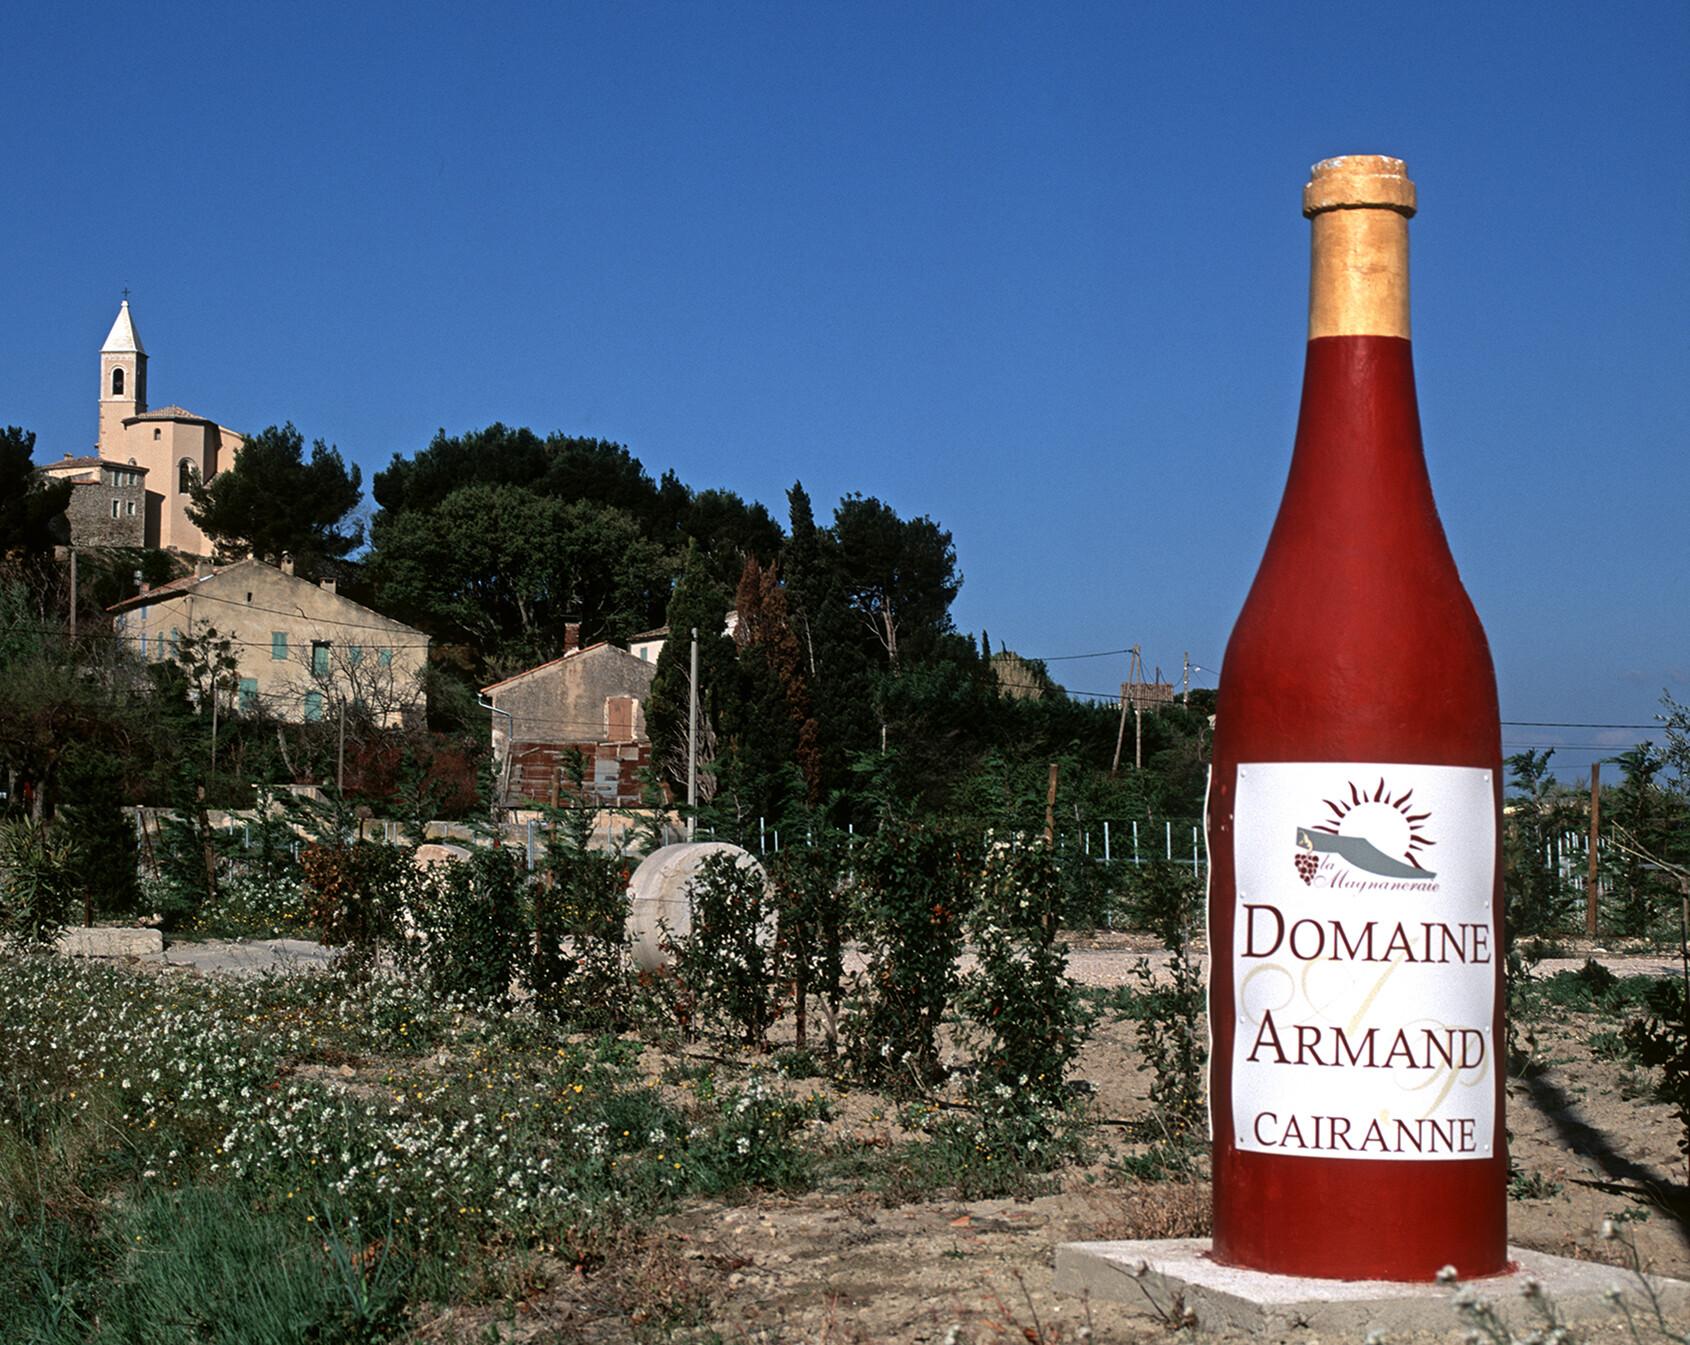 Côtes du Rhône Wine Route Cairanne